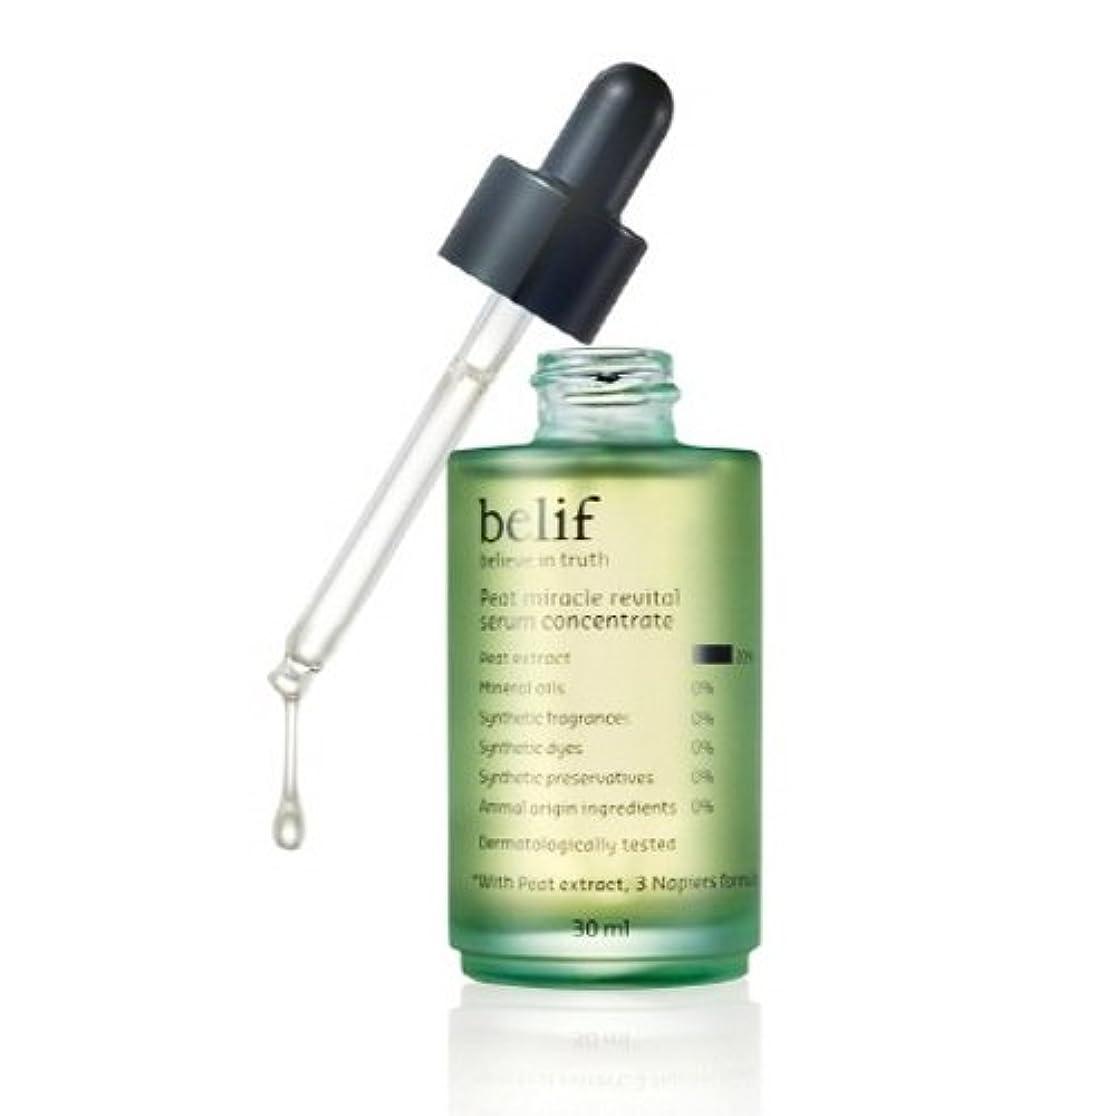 含むシュート正しくBelif(ビリーフ)Peat miracle revital serum concentrate 30ml(ビリーフフィートミラクルリバイタセラムコンセントレイト)シワ改善エッセンス